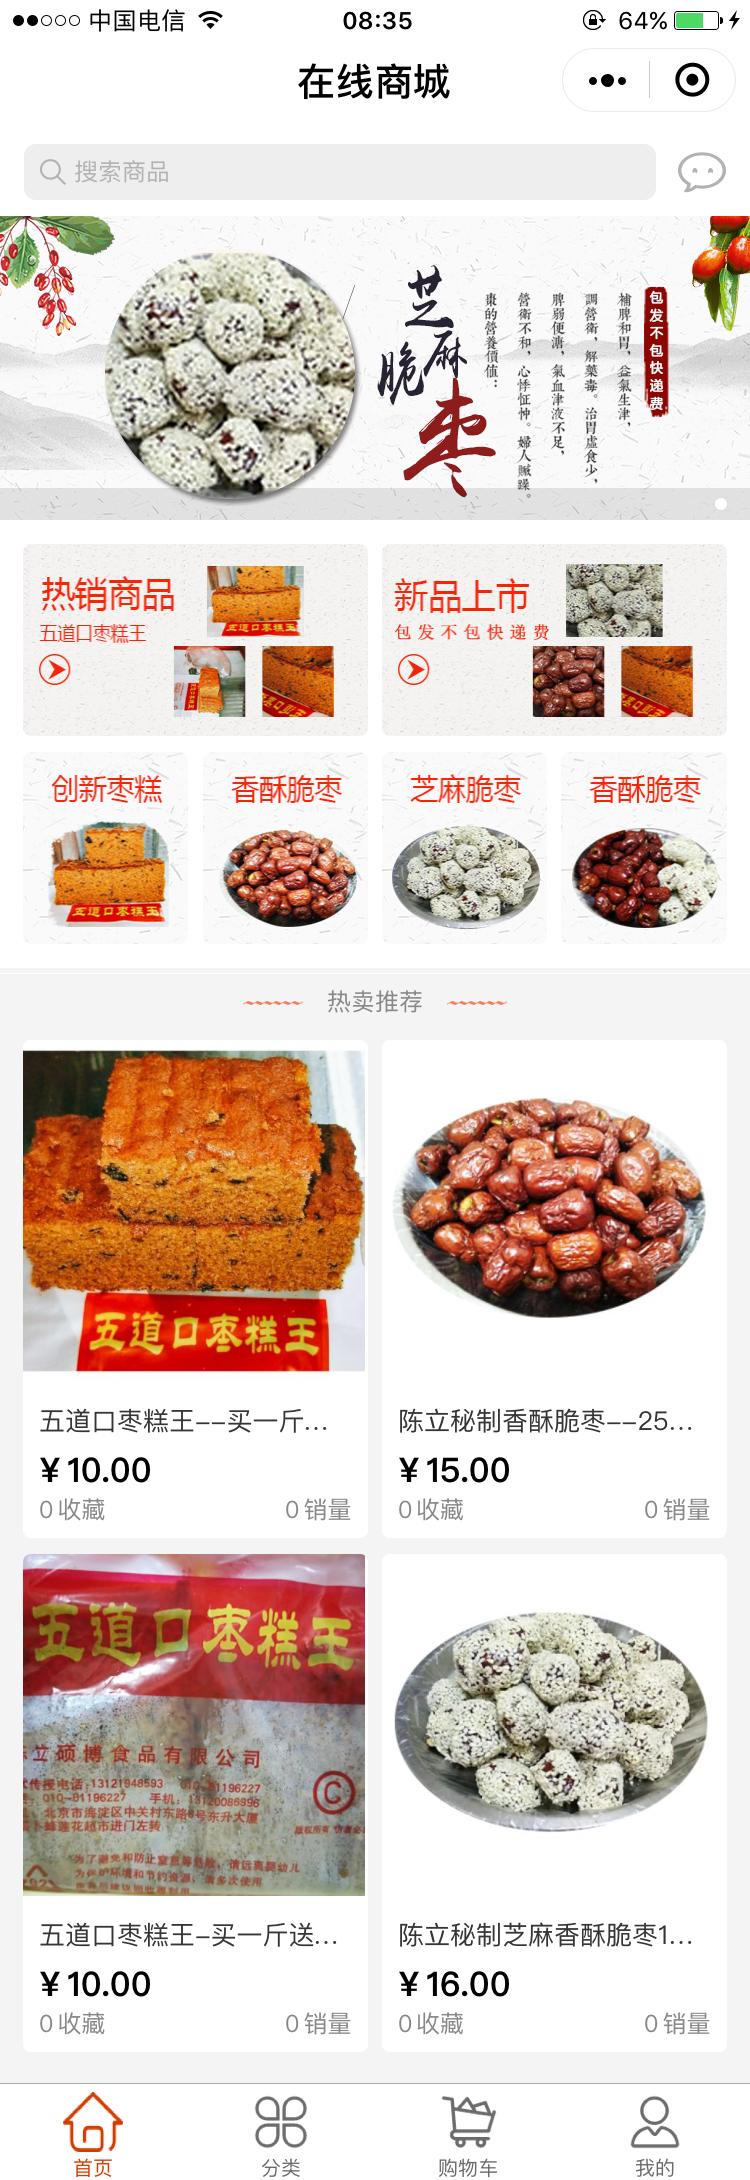 餐饮红色北京五道口枣糕王官方商城小程序高级版.png